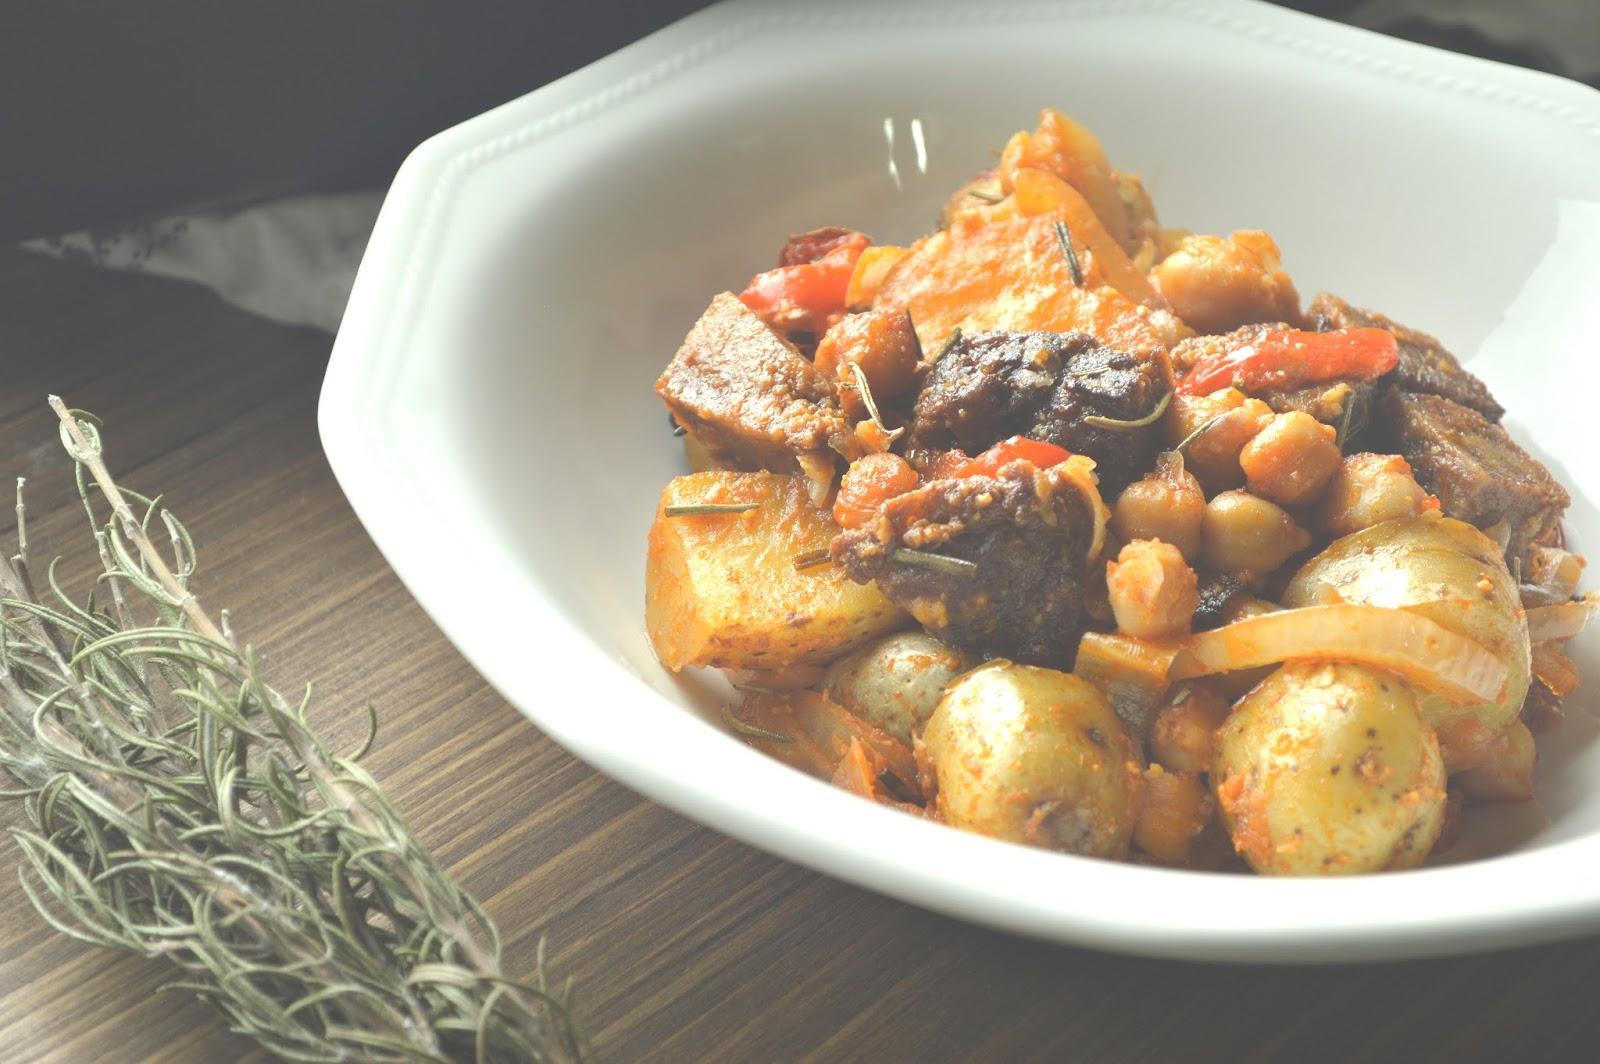 Mute food seit n al romero al horno preparaci n 15 min for Cocinar seitan